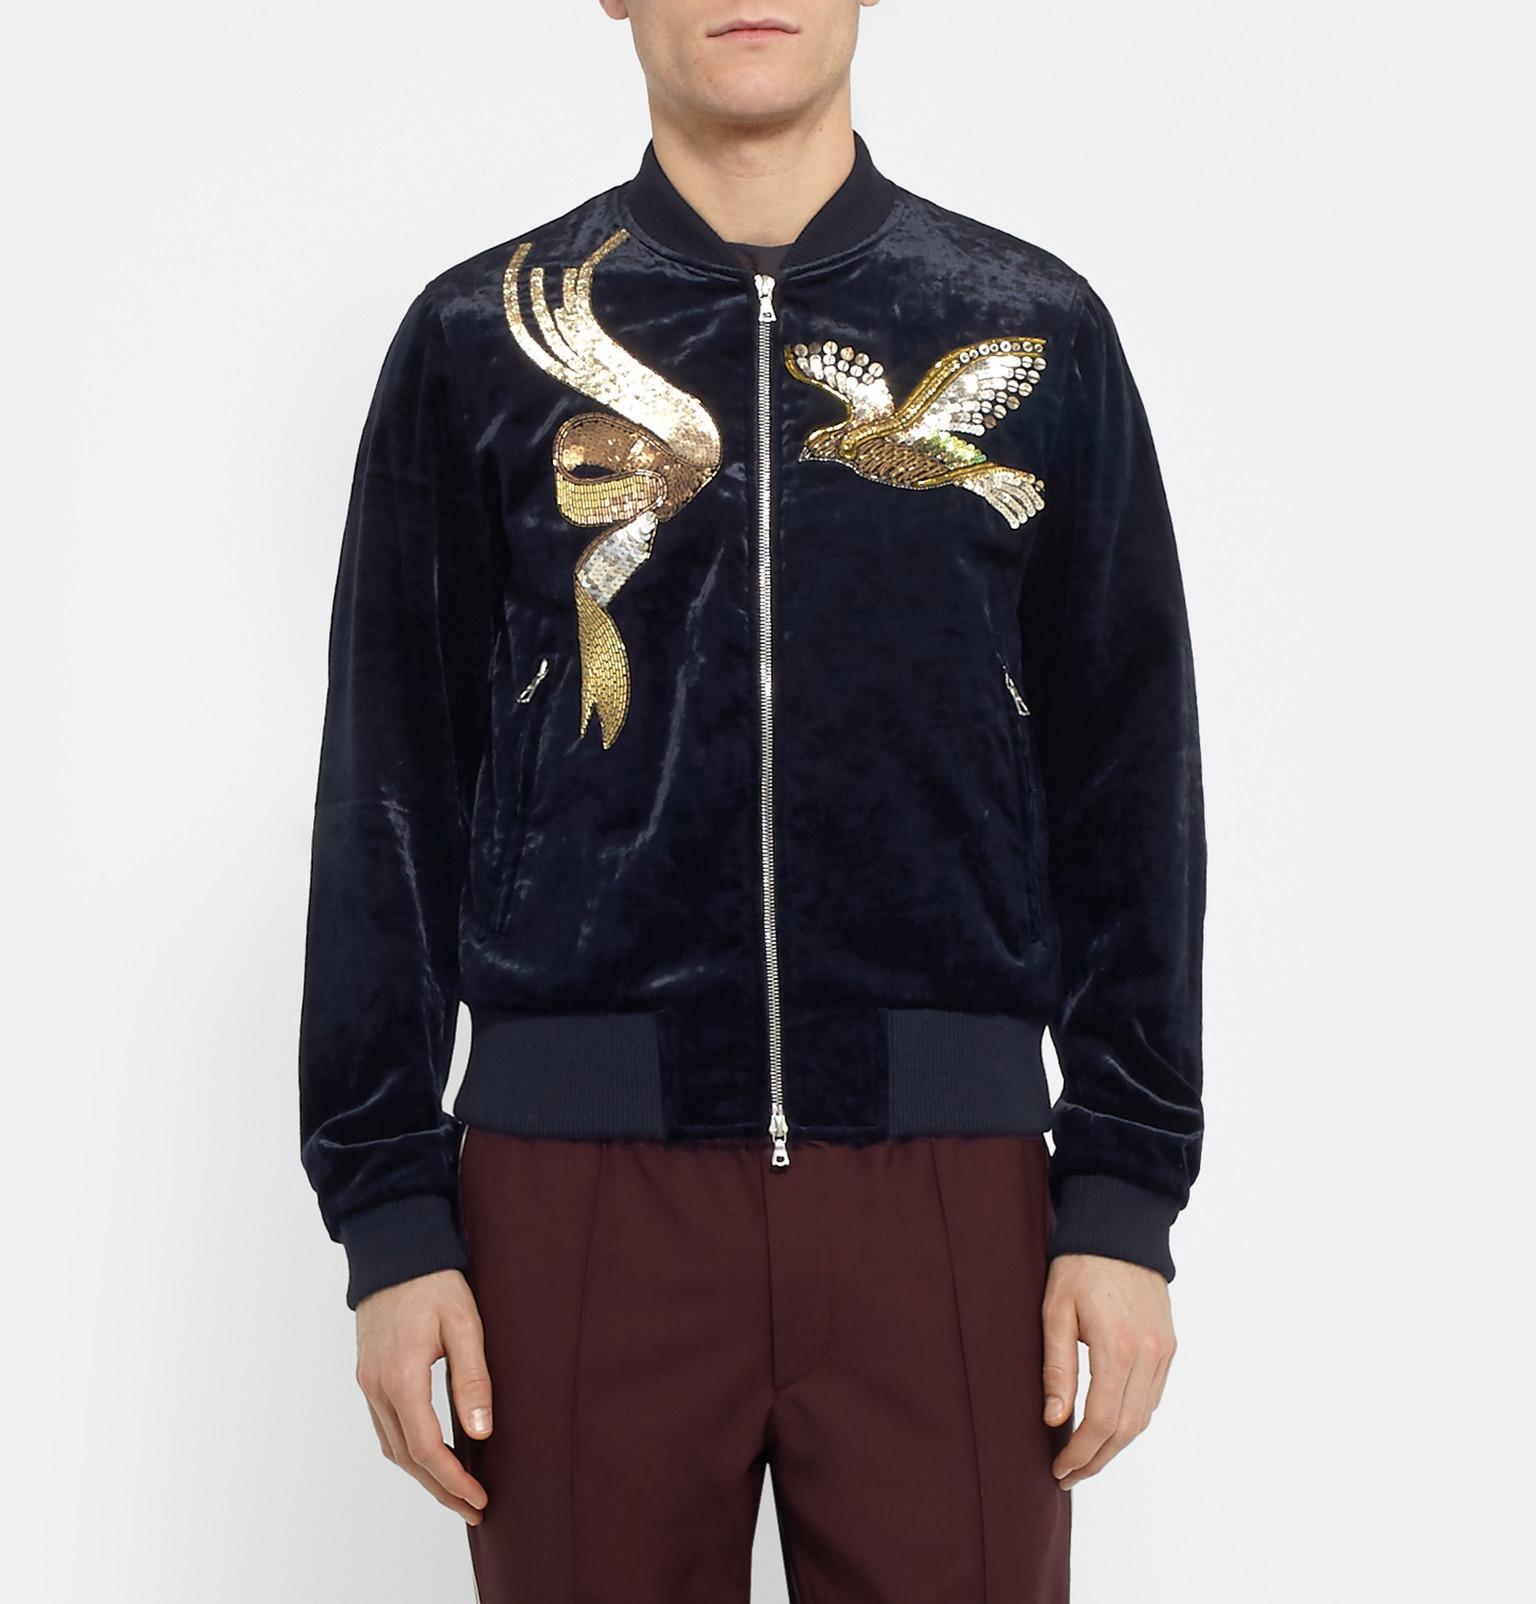 Dries Van Noten Embroidered Velvet Bomber Jacket In Blue For Men - Lyst